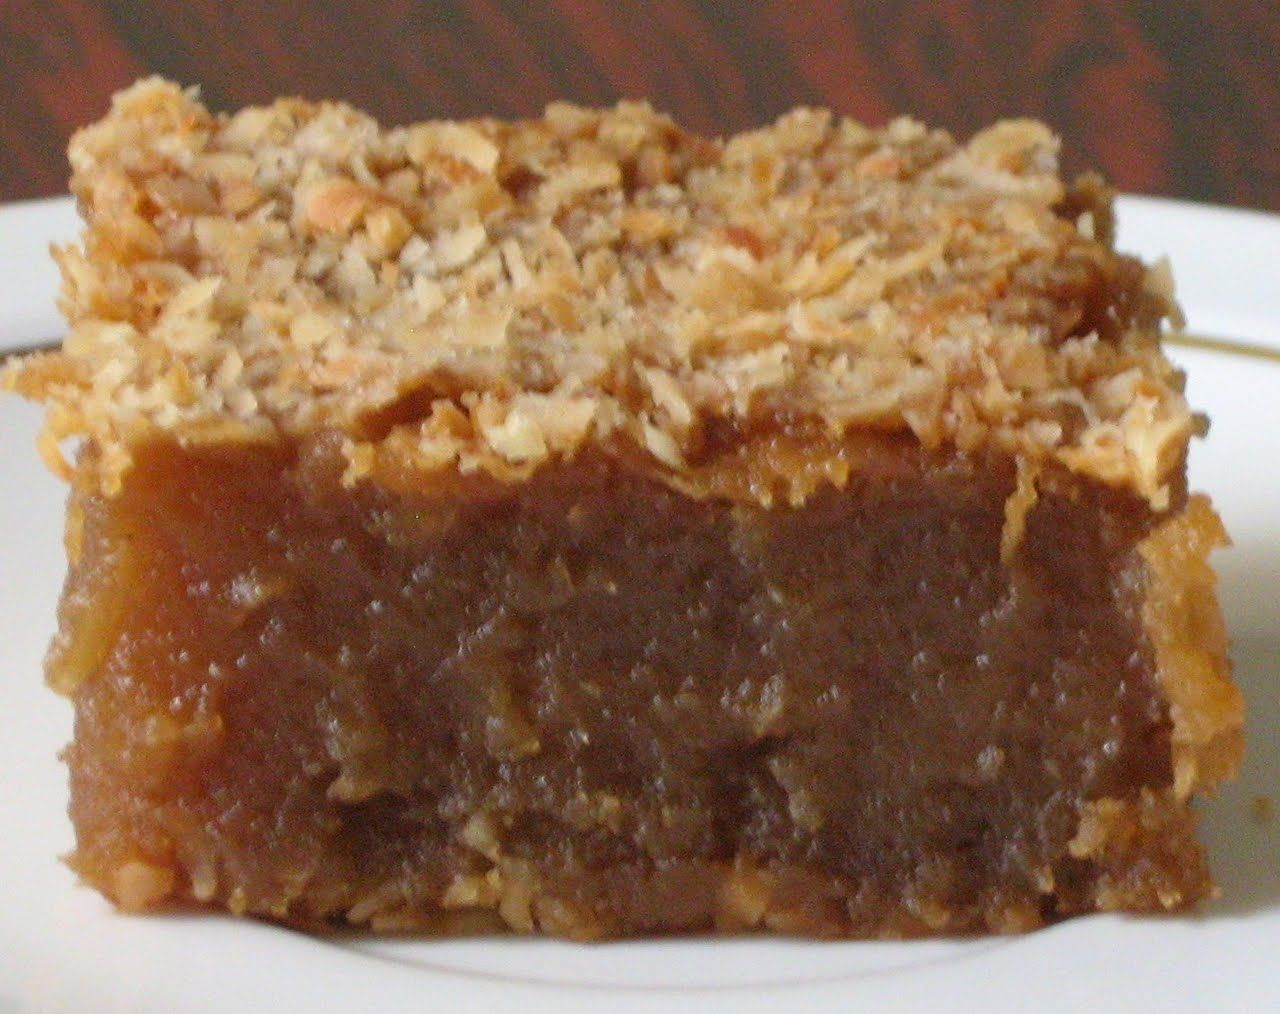 الدهين العراقي حلا الدهينية الدهينة اطيب طريقة عمل دهين عراقي الد Food Sweet Tooth Desserts